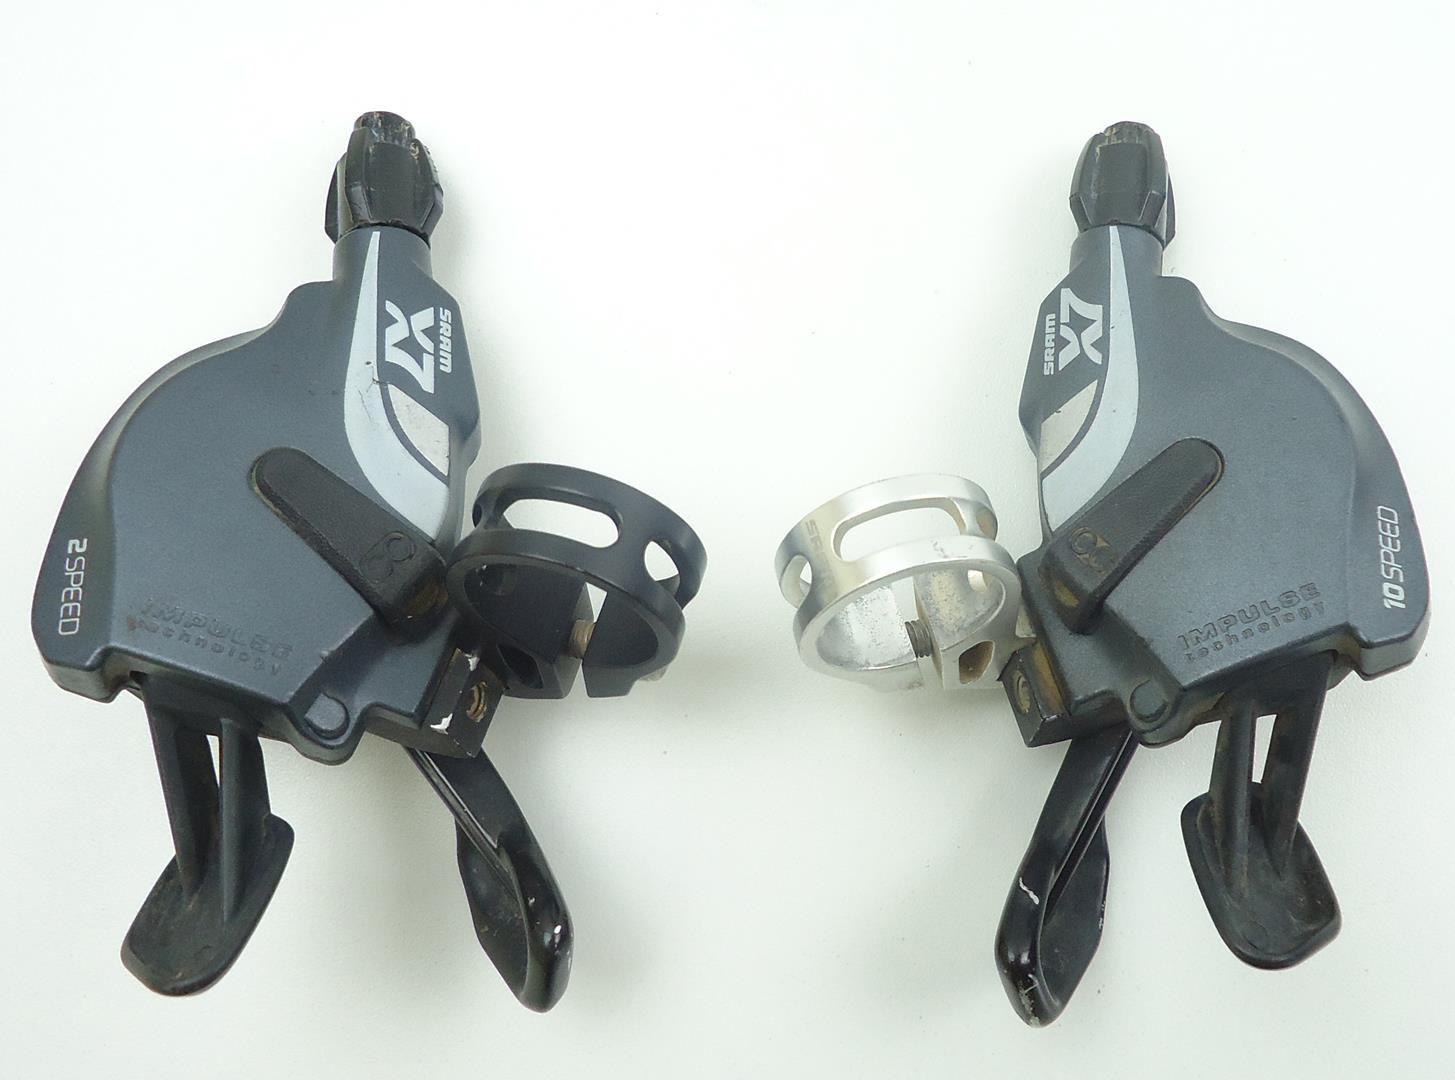 Passadores MTB Trigger Sram X7 2x10 10 velocidades Shifter - USADO